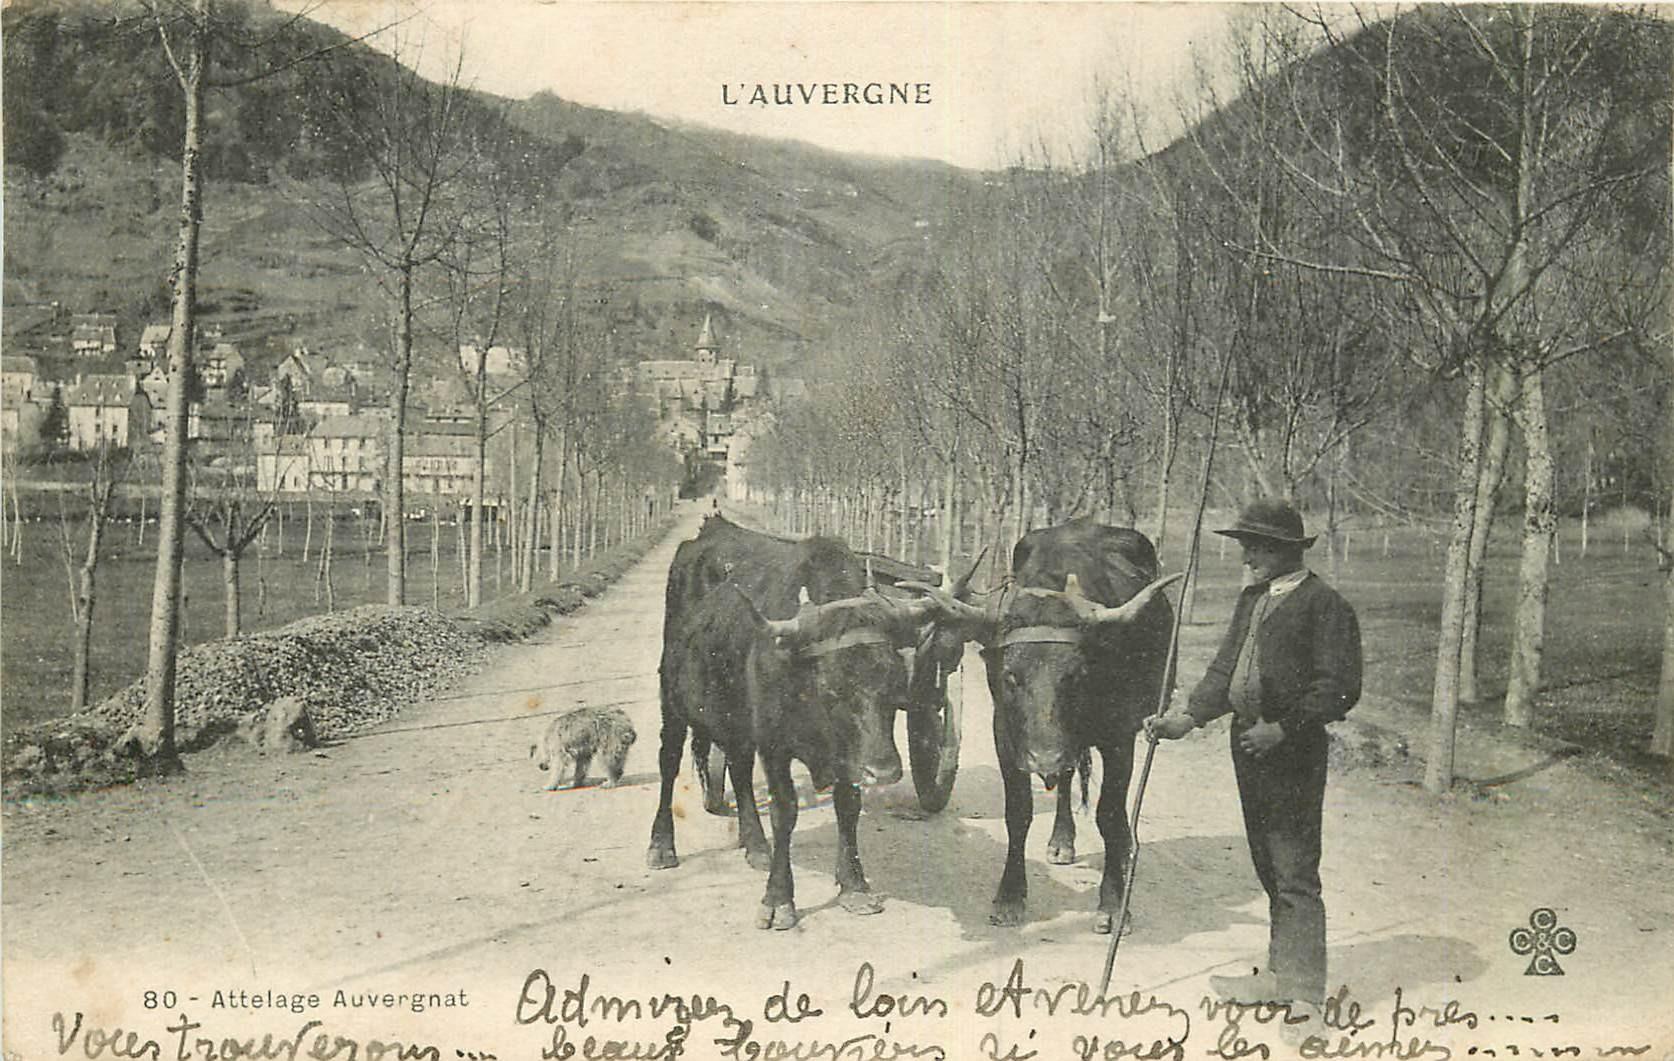 WW 63 AUVERGNE. Paysan avec Attelage de Boeufs Auvergnat 1902